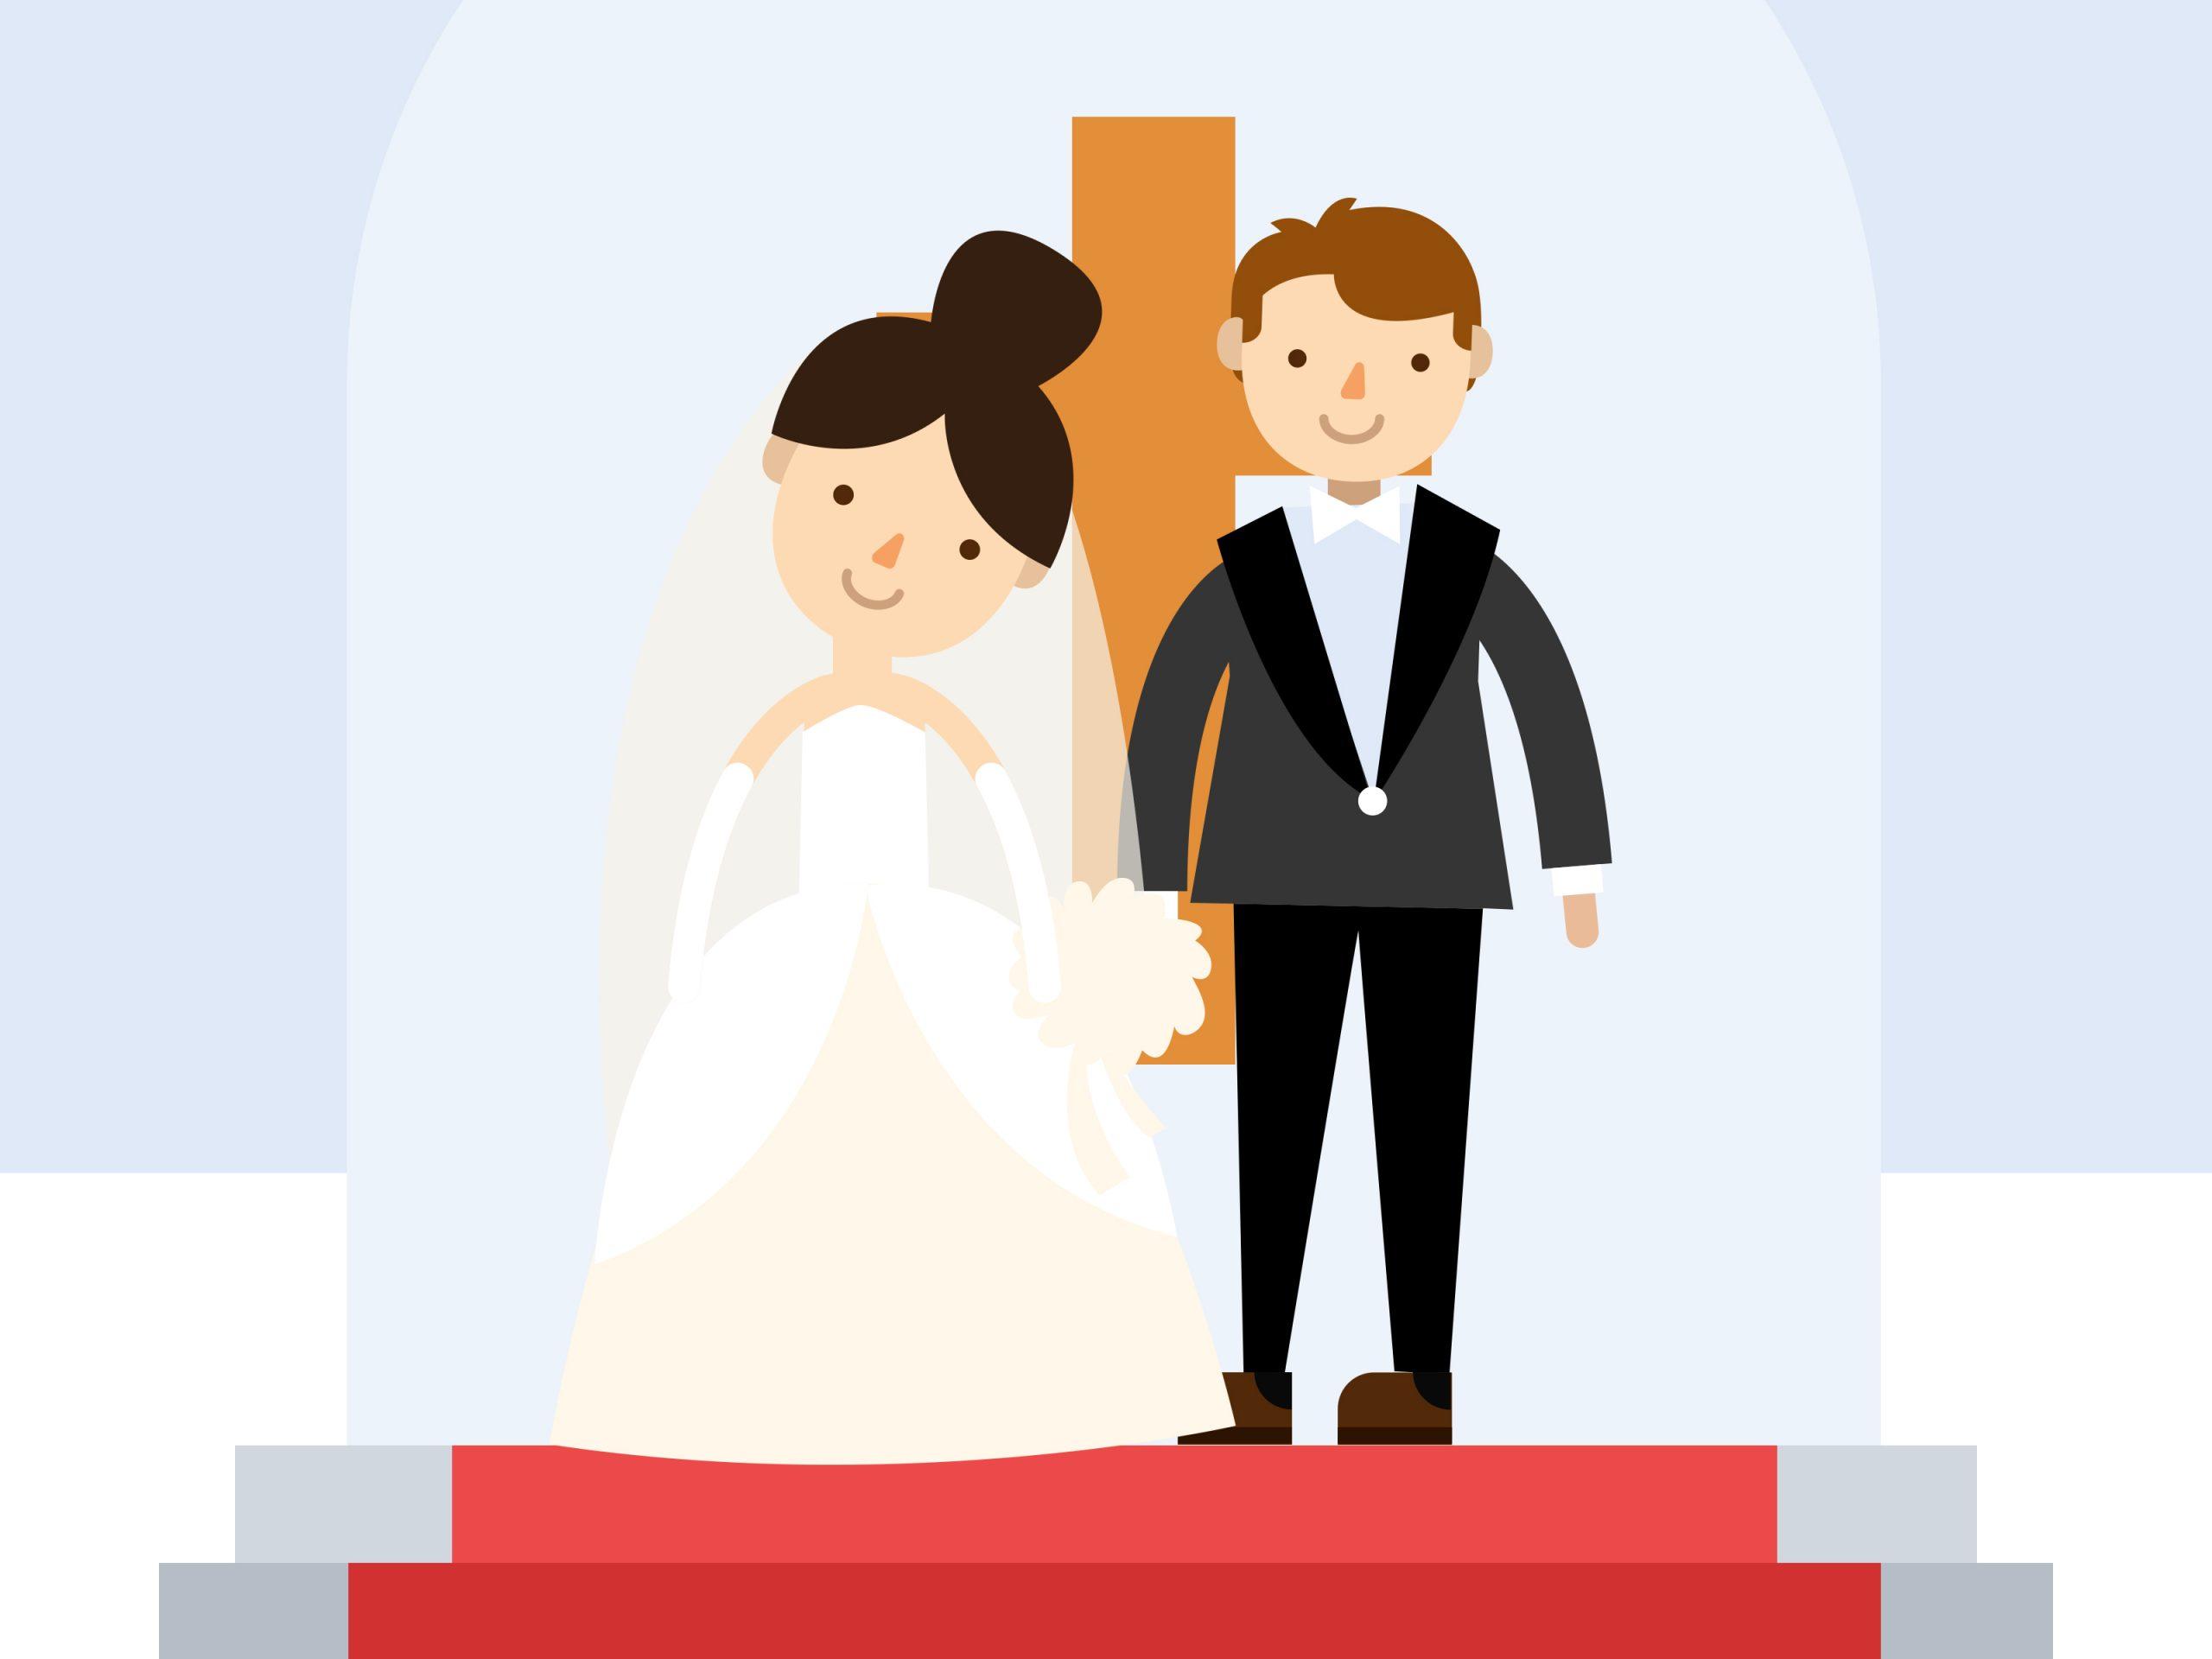 تصحيح وضع زواج بدون تصريح